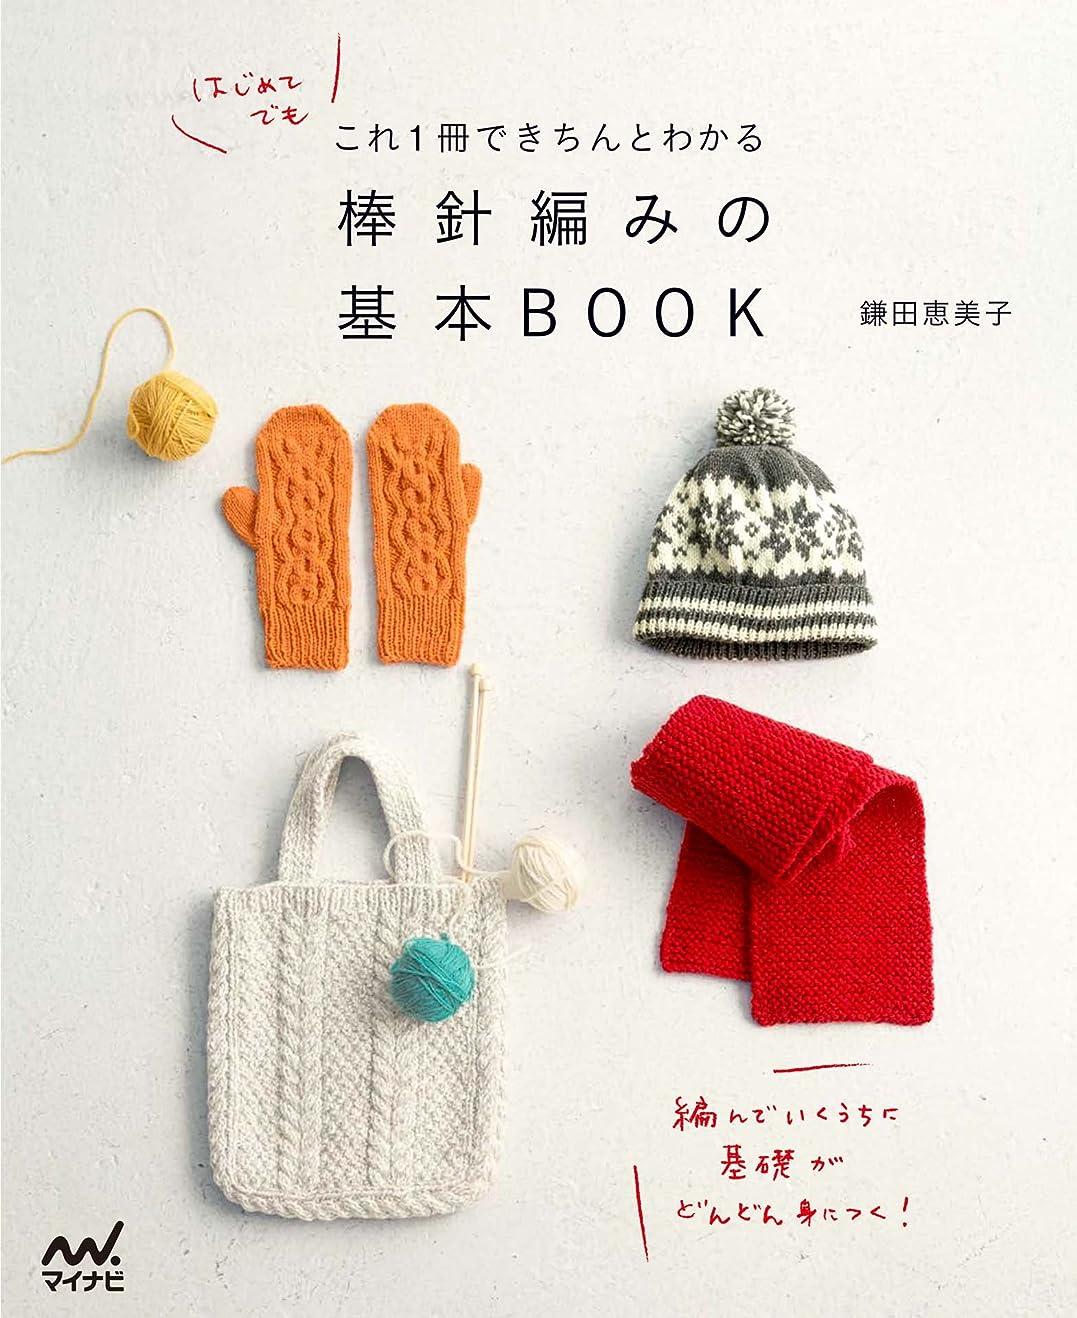 観点ミニチュアスリットこれ1冊できちんとわかる 棒針編みの基本BOOK